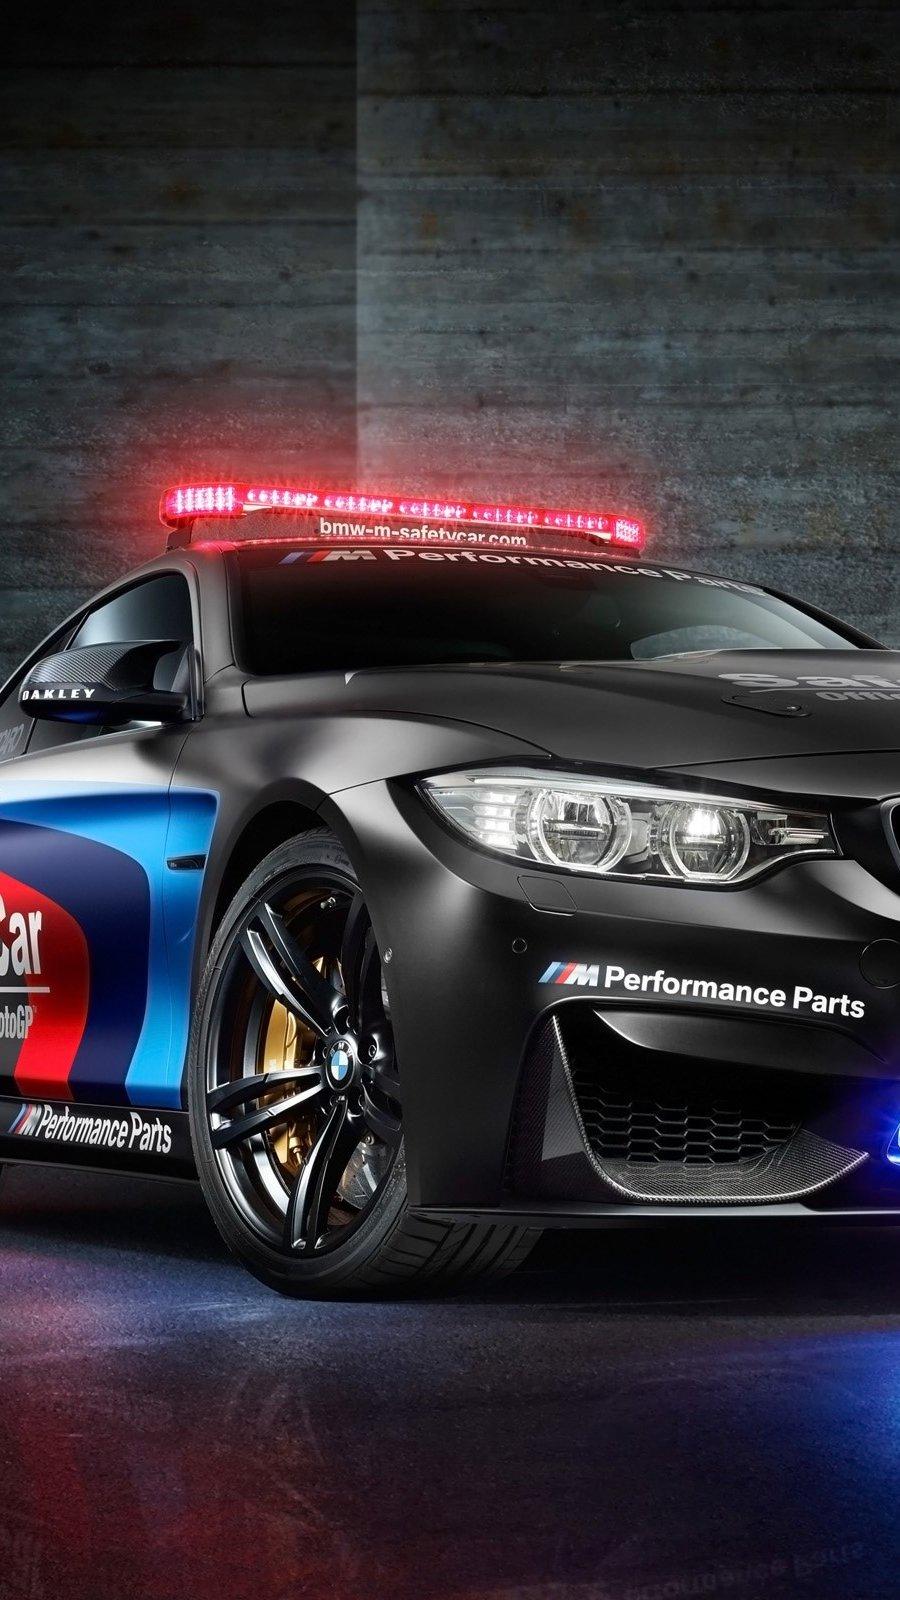 Fondos de pantalla BMW M4 motoGP safety car Vertical